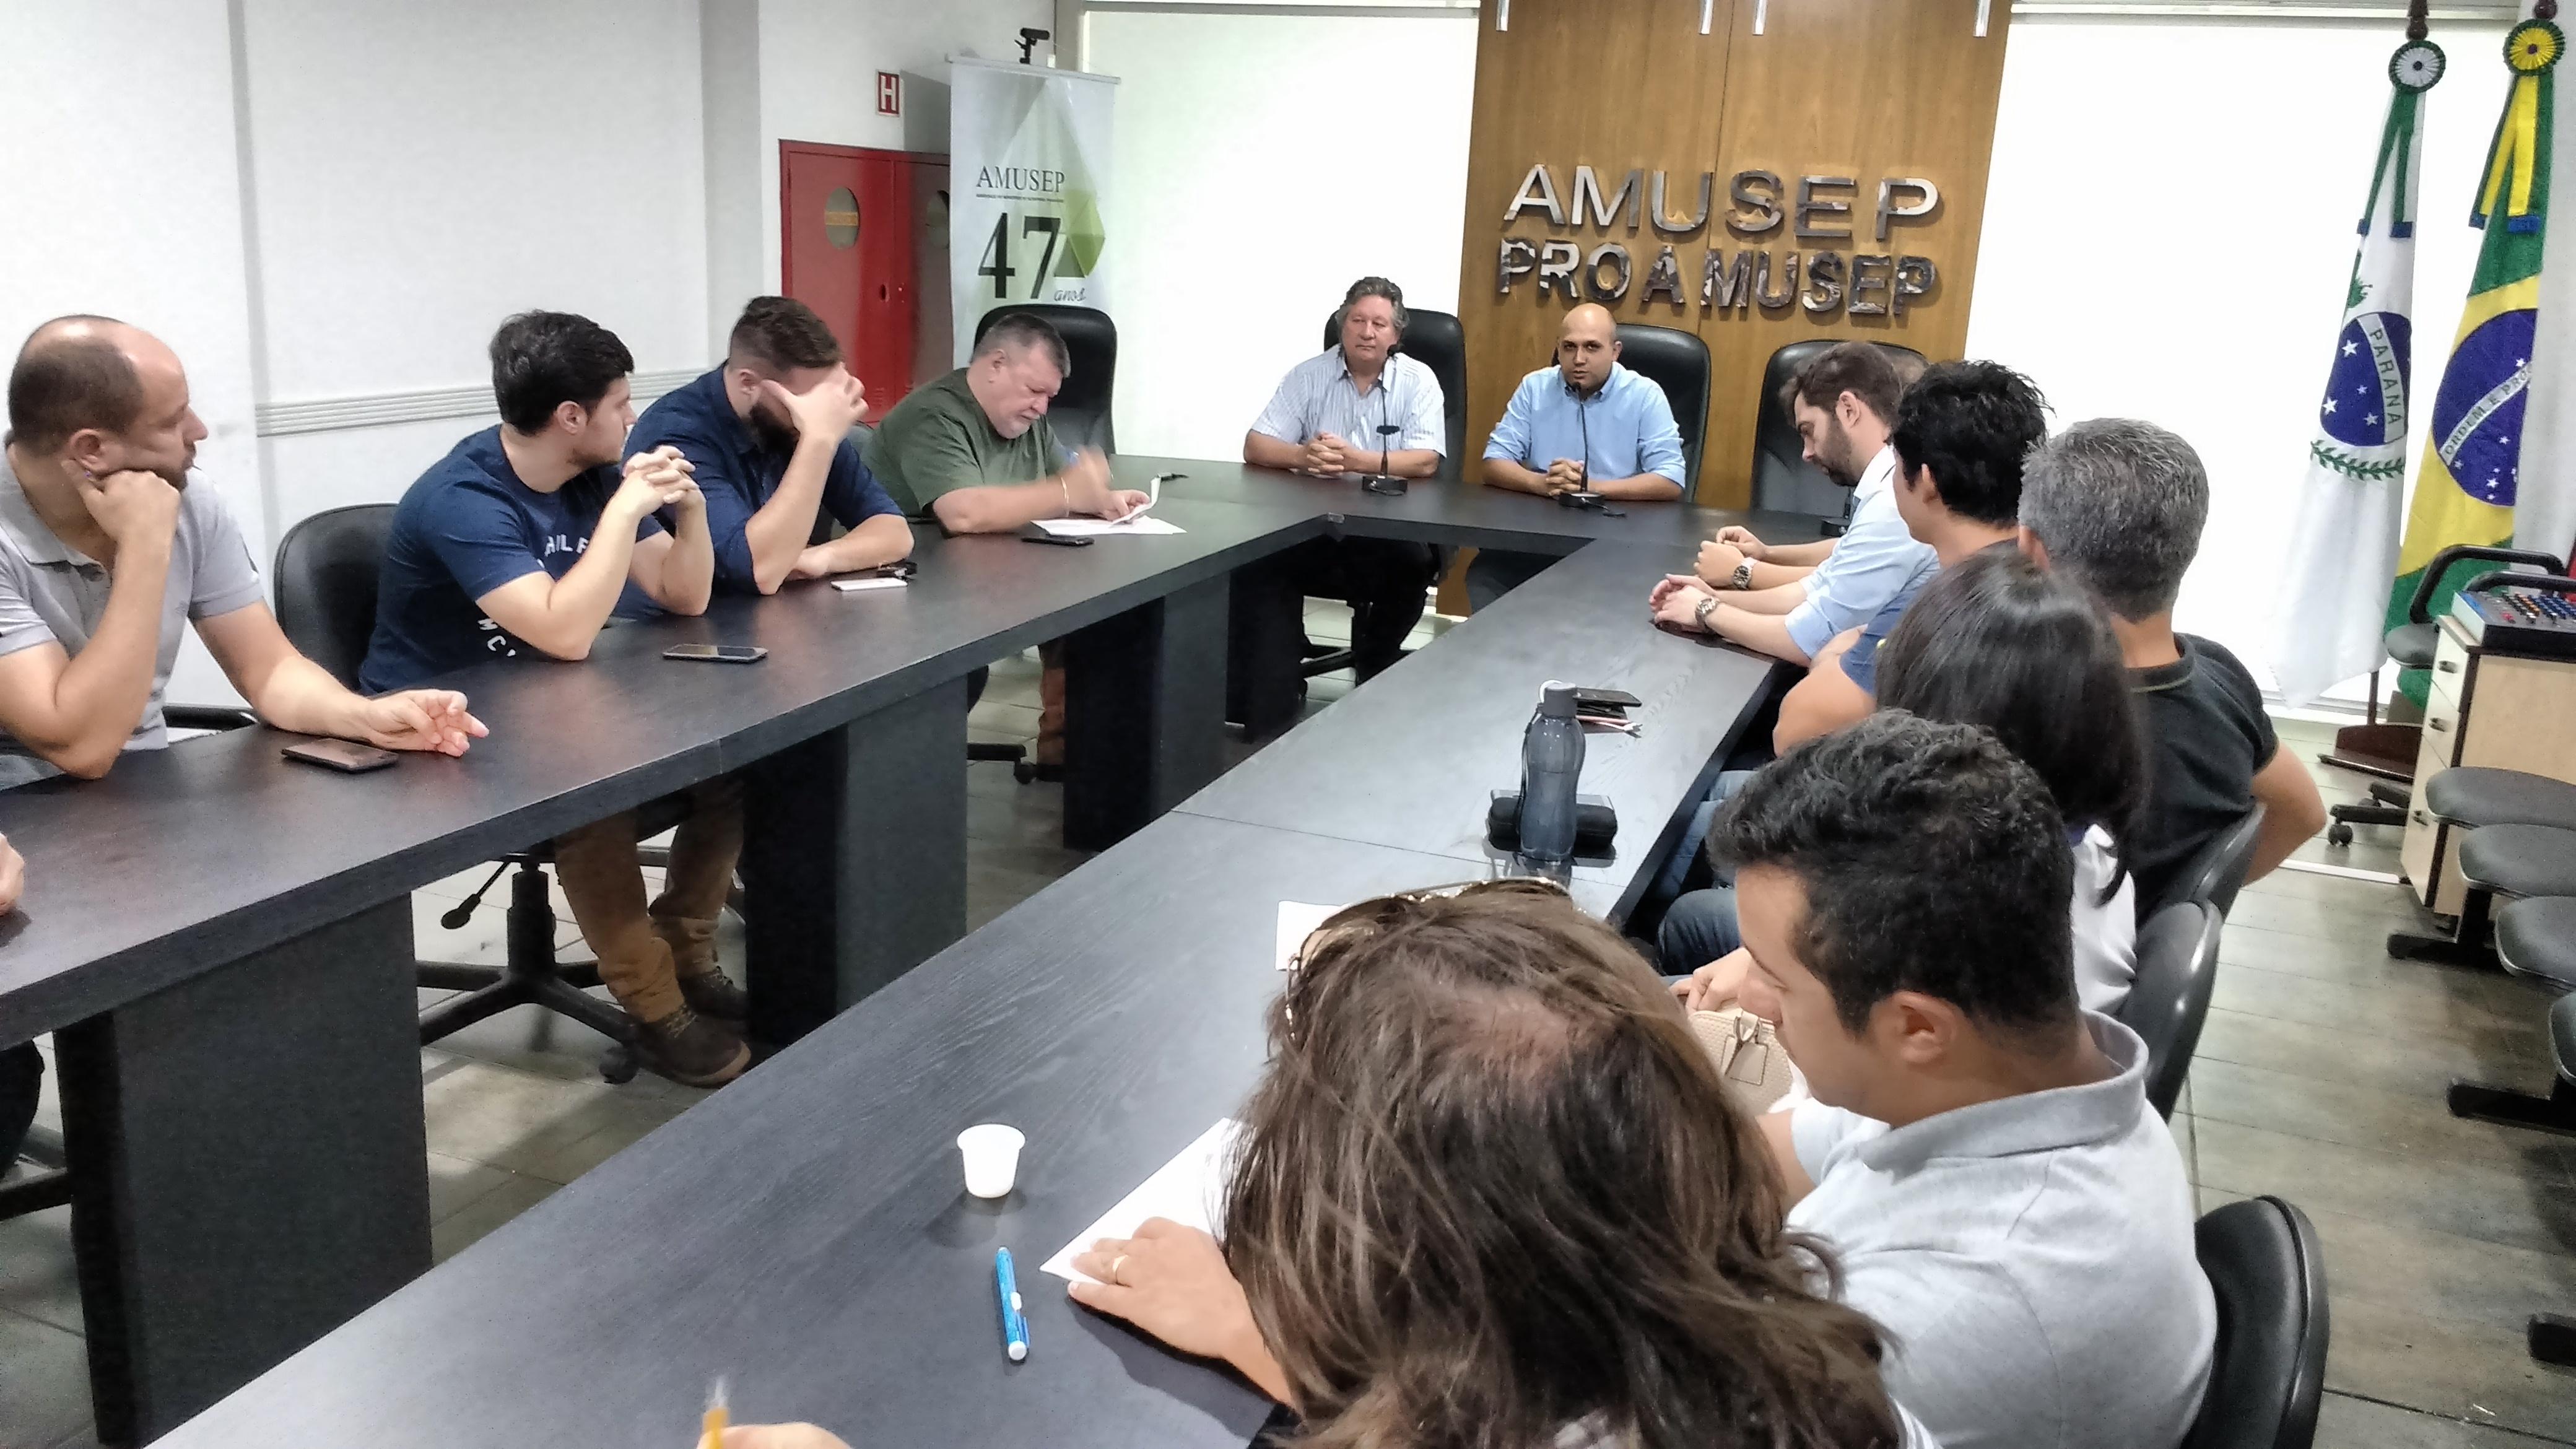 Pavimentação de vias públicas, com o uso de concreto não armado, também foi tema do encontro realizado no dia 26 de novembro, na sede da Amusep, em Maringá